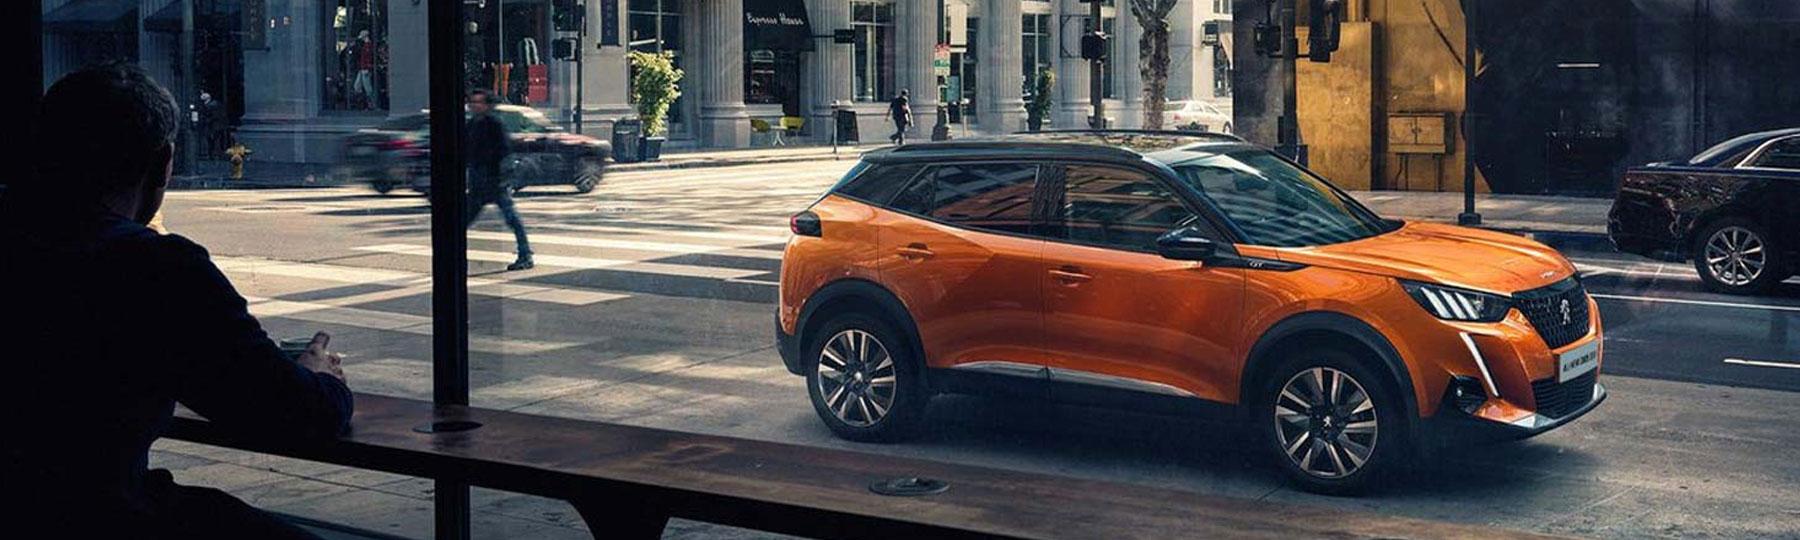 Peugeot 2008 New Car Offer